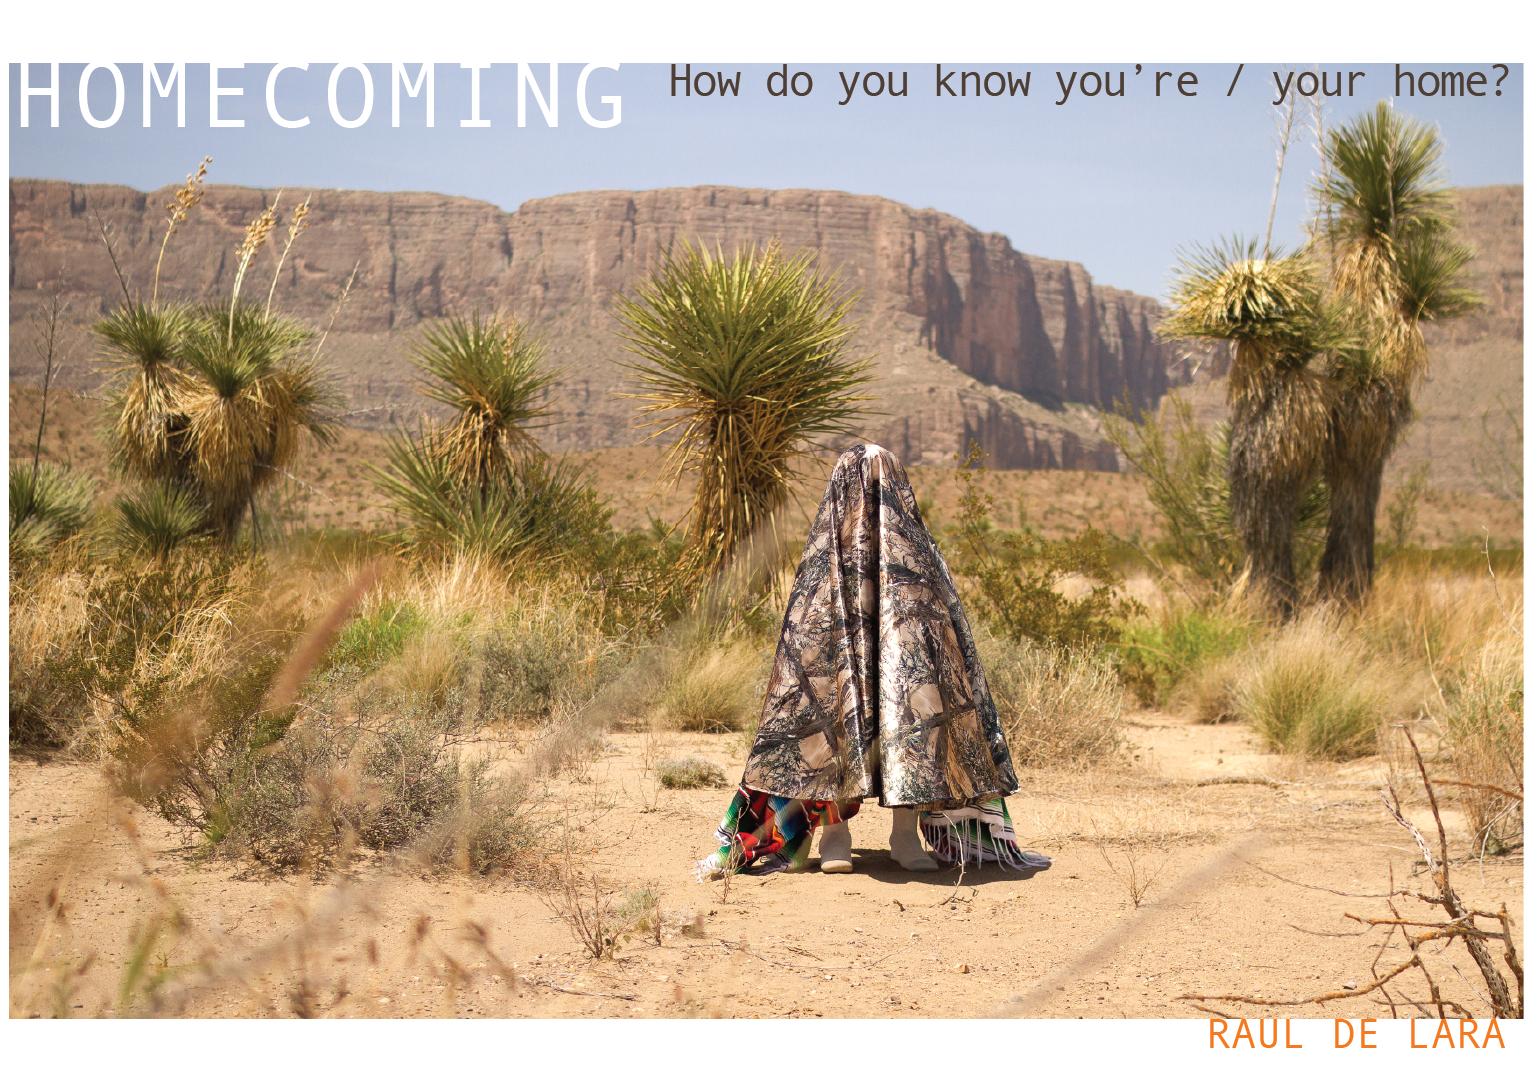 Raul de Lara - How do you know you're / your home?